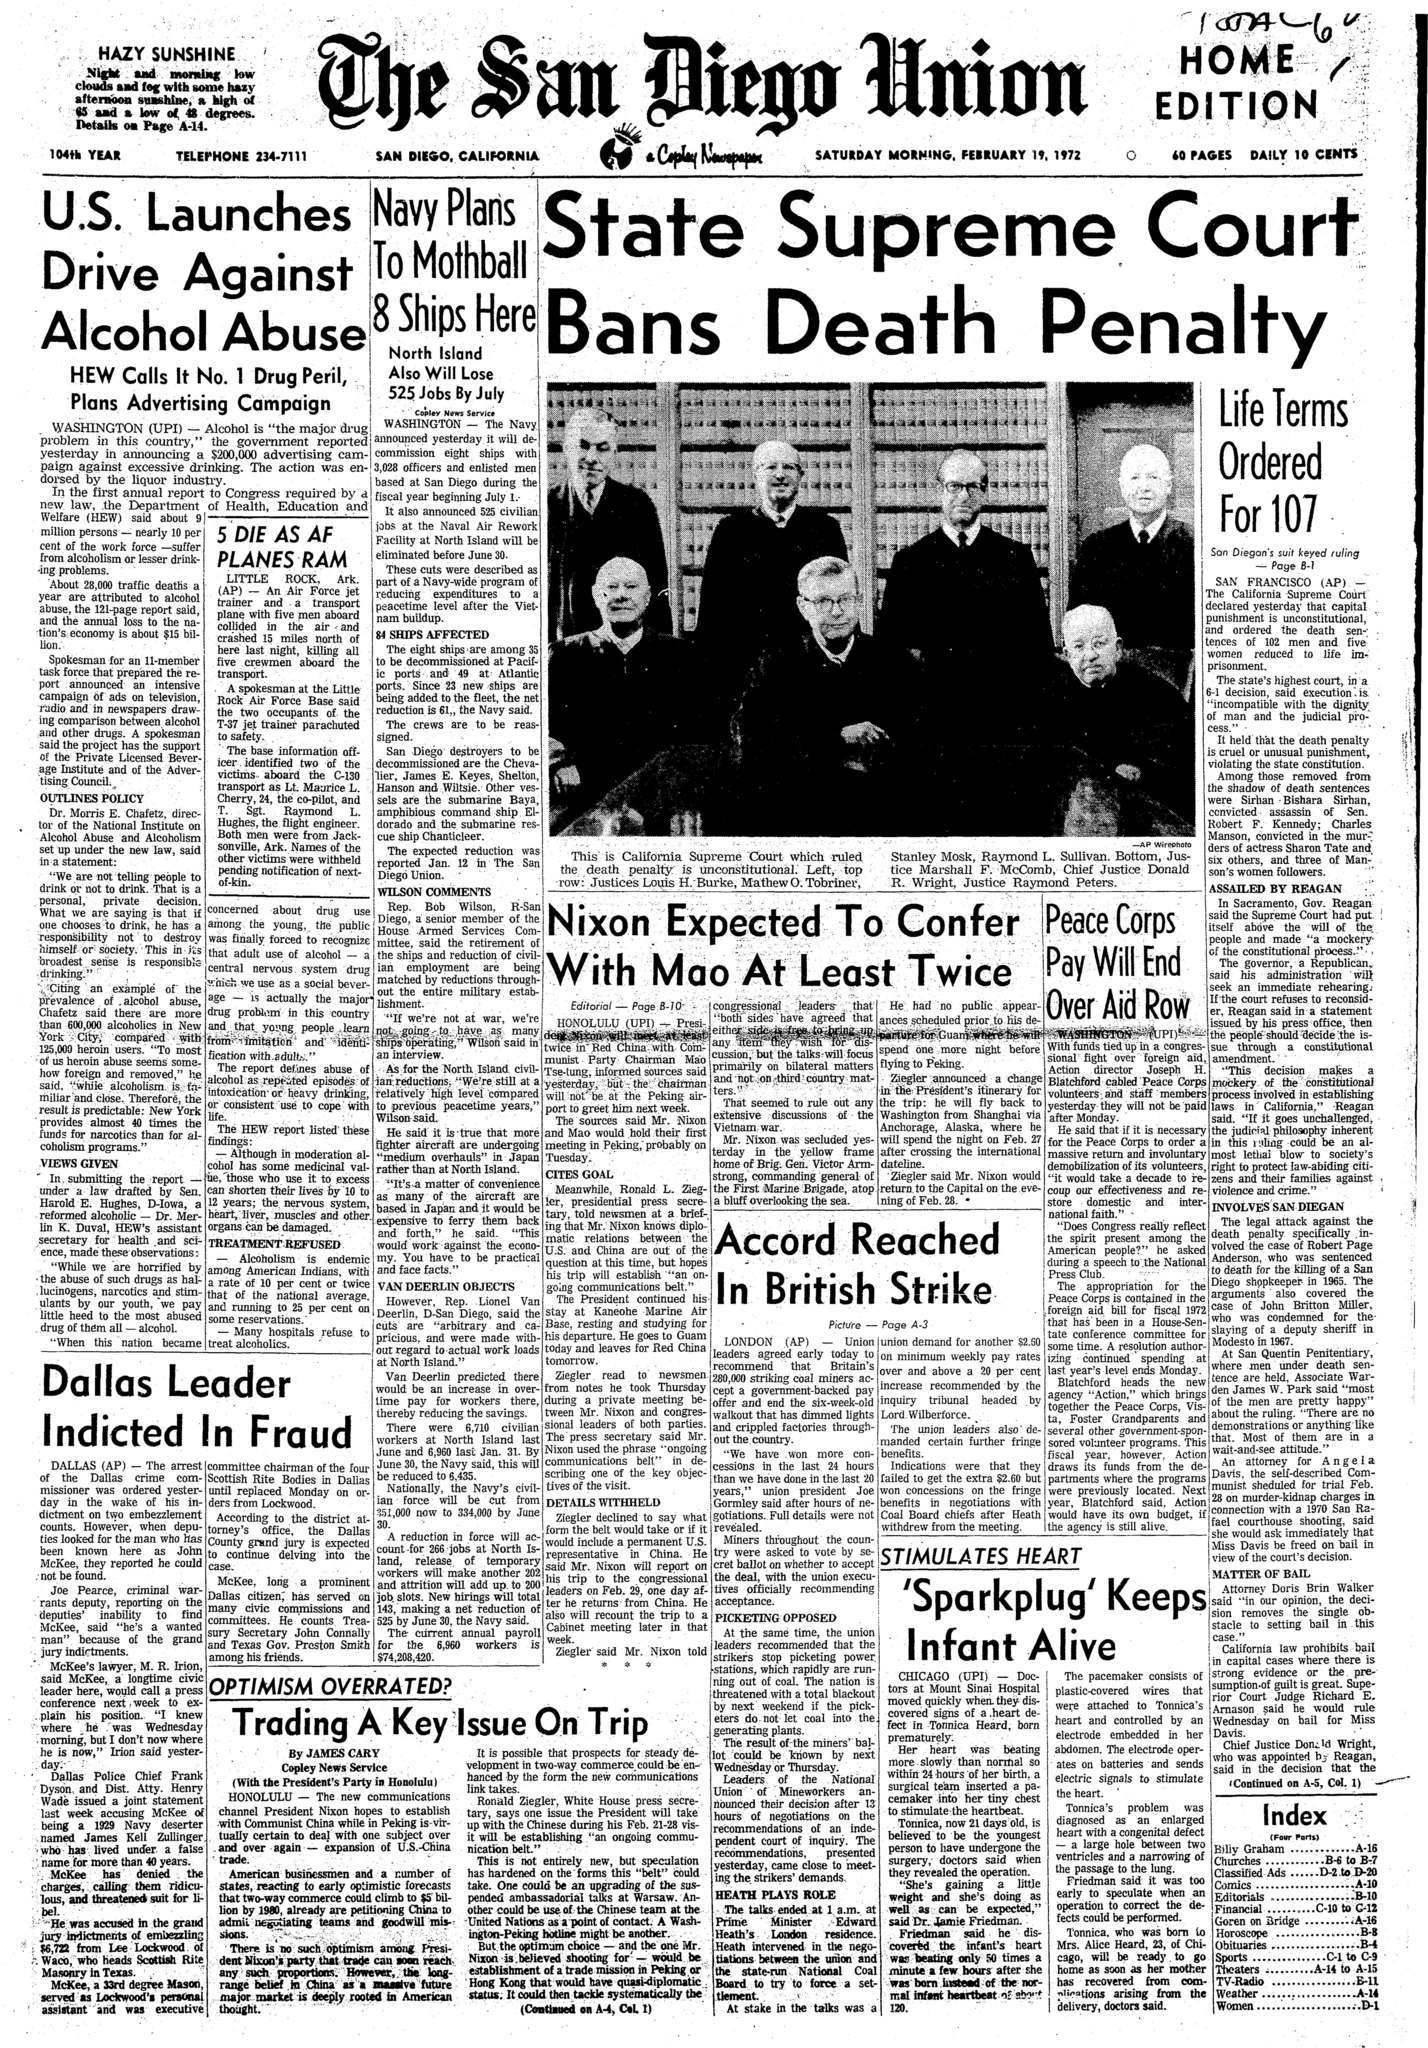 February 19, 1972